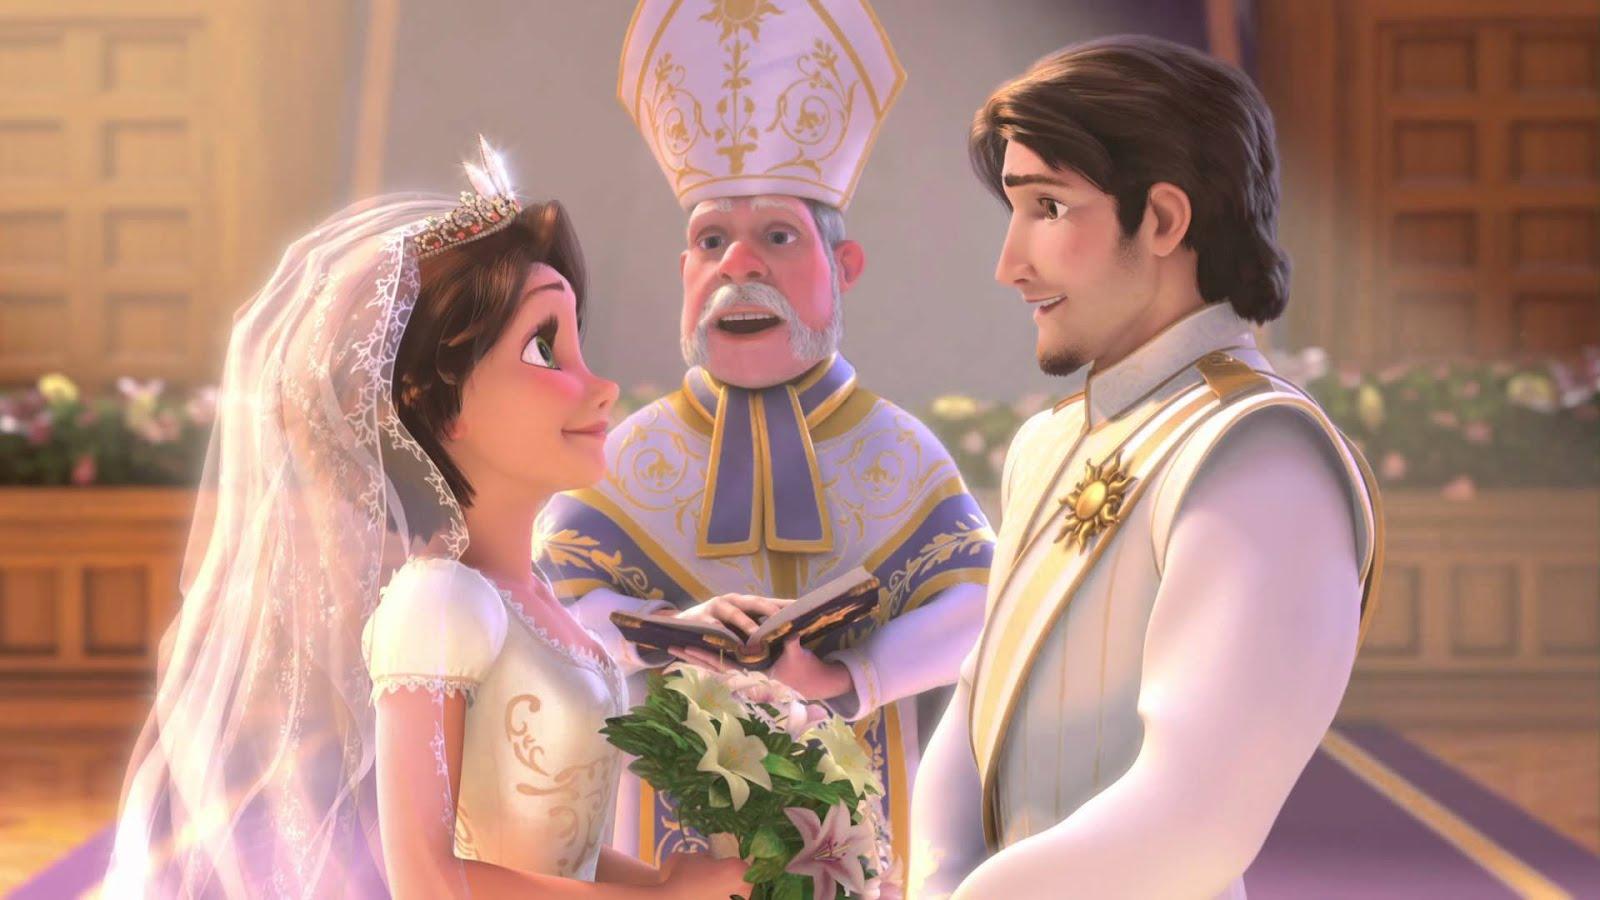 มุมมืดดิสนีย์ ราพันเซล (Rapunzel) จากตำนานสุดสยอง สู่การ์ตูนใสๆ ...